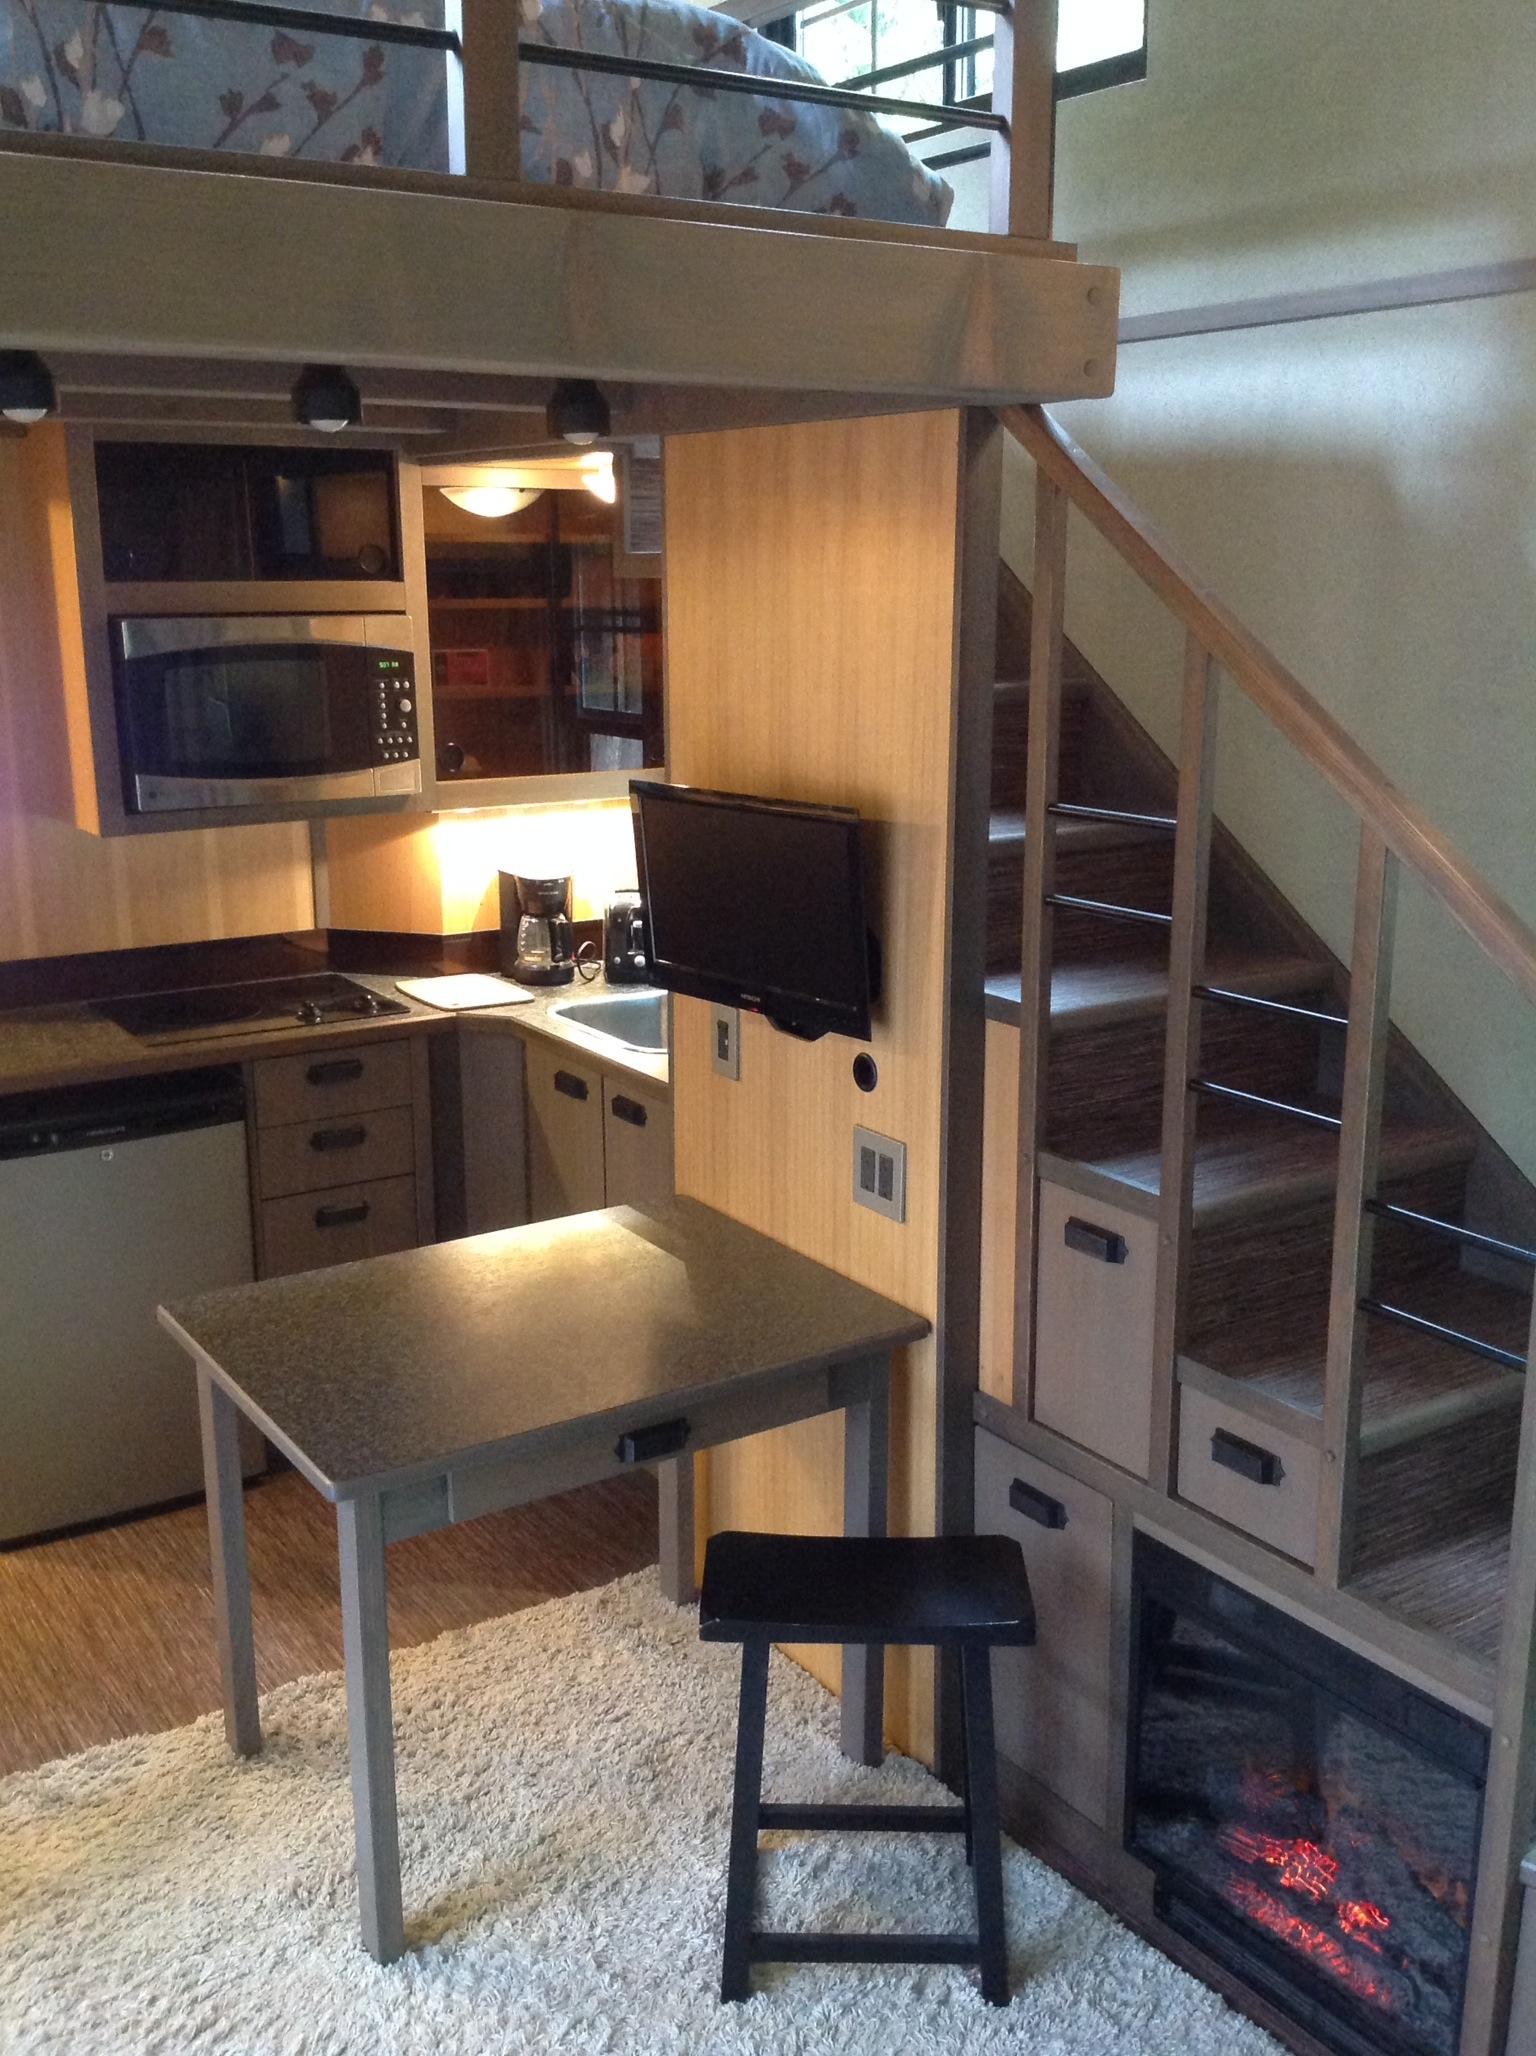 View In Gallery Ruang Dapur Rumah Kecil English Style Siap Dengan Pendiang